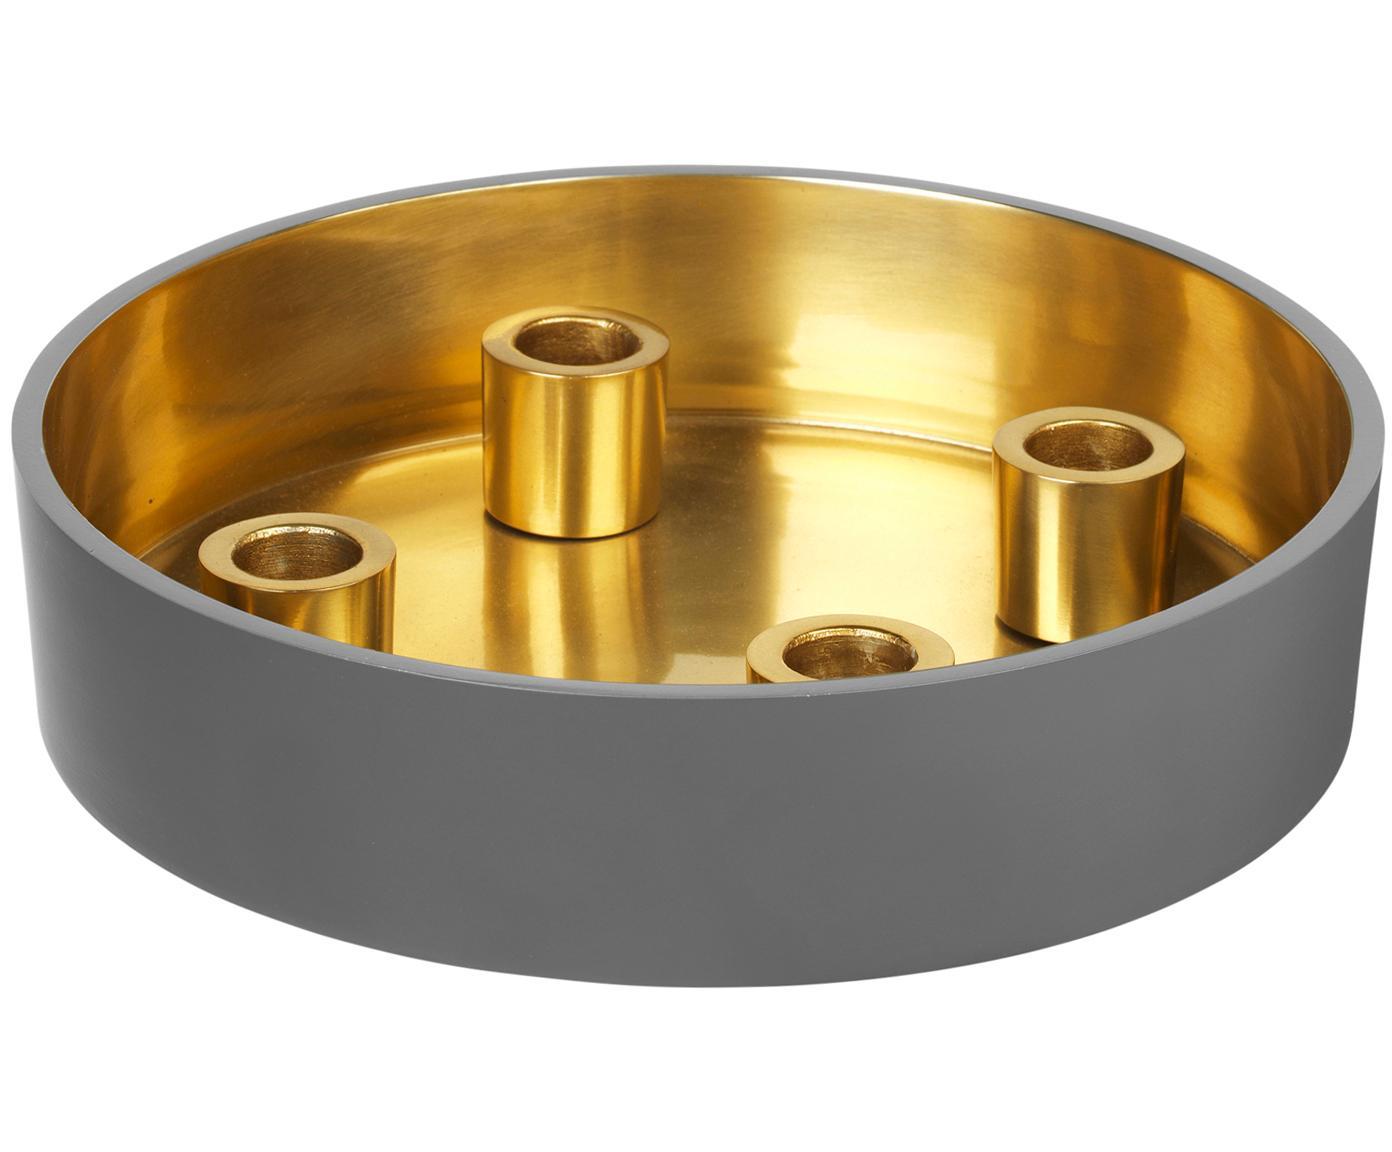 Kerzenständer Palma, Aluminium, emailliert, Außen: GraublauInnen: Goldfarben, Ø 23 x H 6 cm